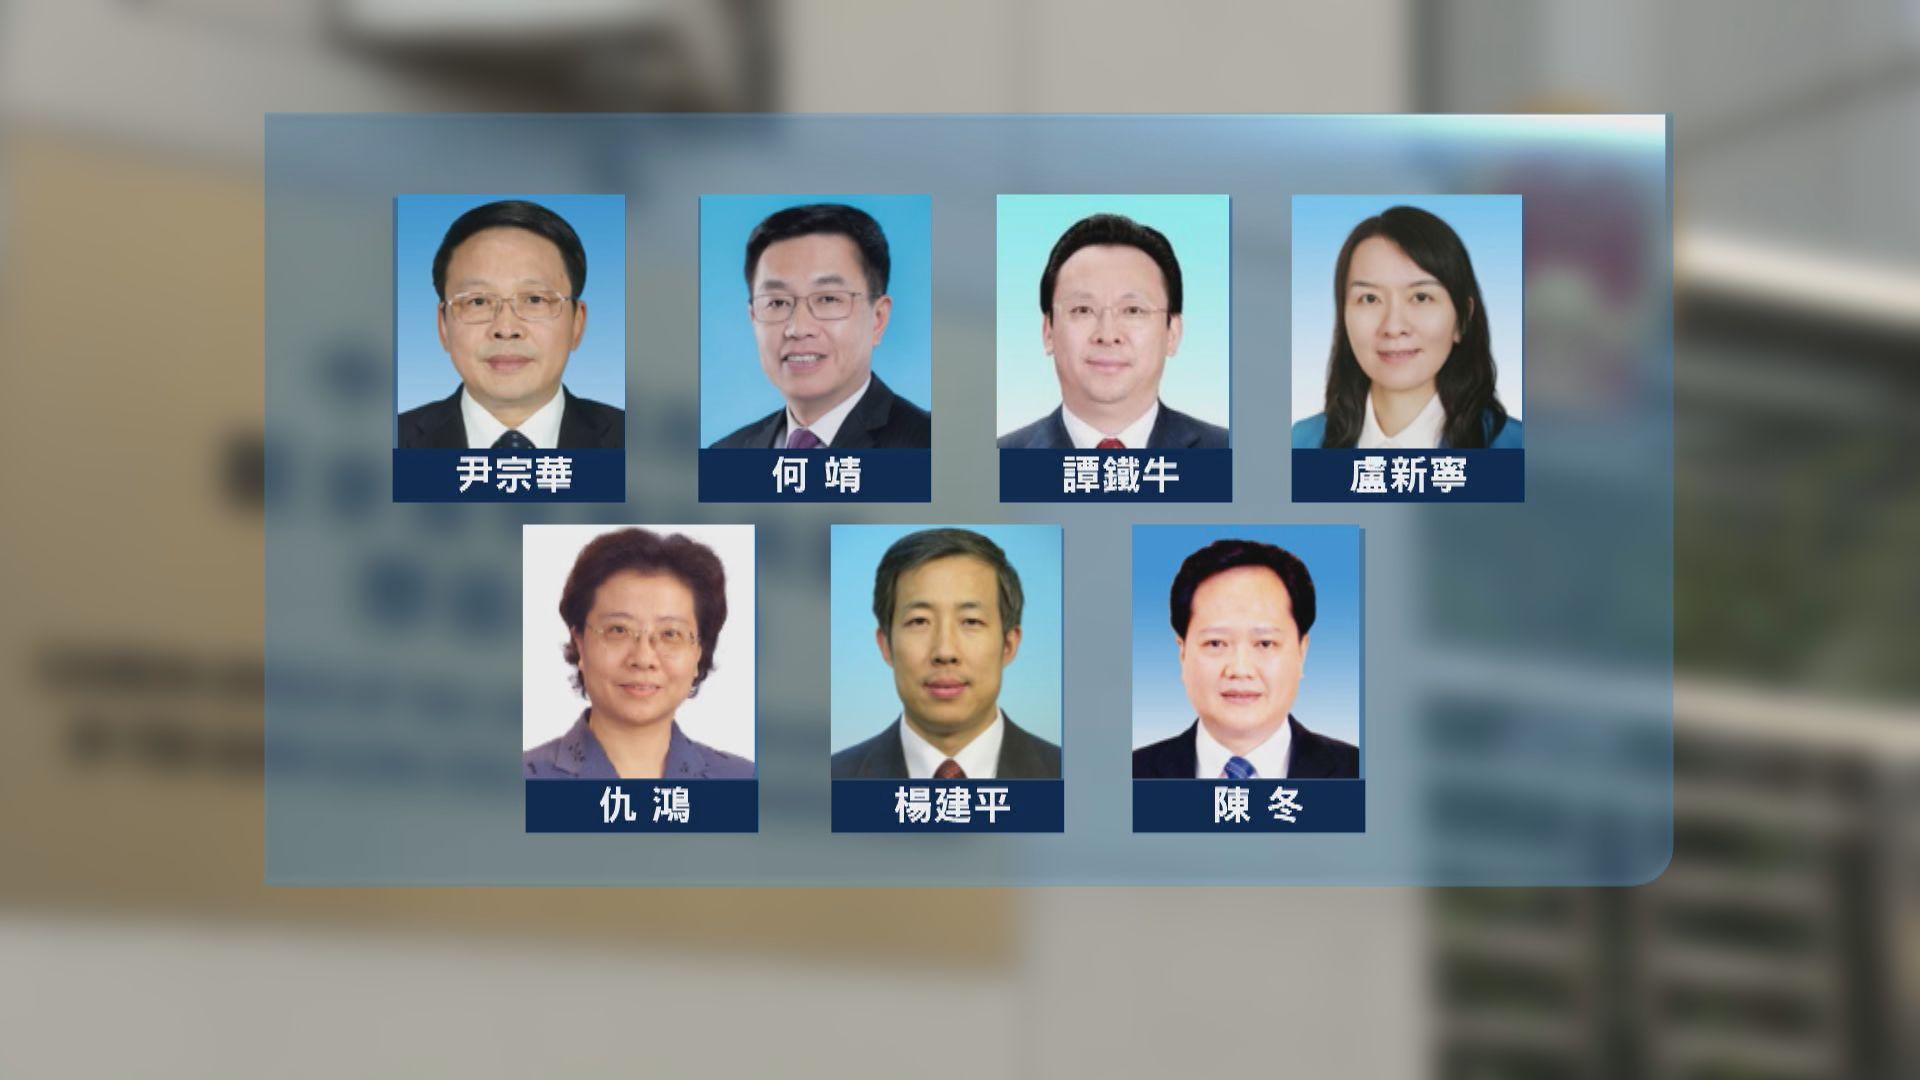 美國制裁中聯辦七名副主任 外交部促停止干涉香港事務